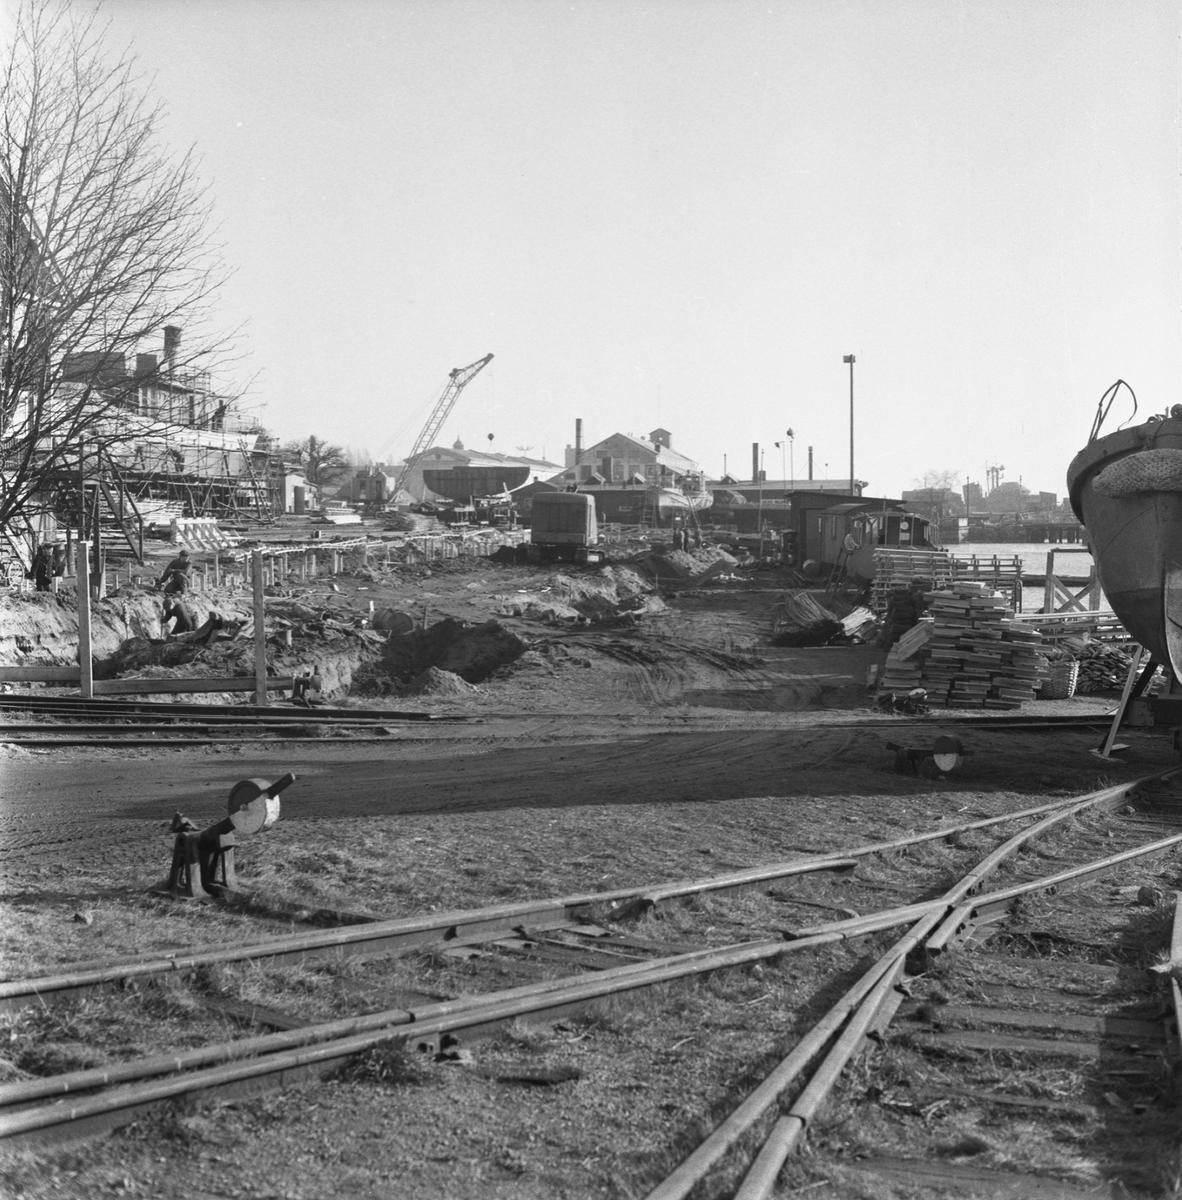 Övrigt: Fotodatum:19/2 1959 Byggnader och Kranar. Slipens omläggning av spåren.